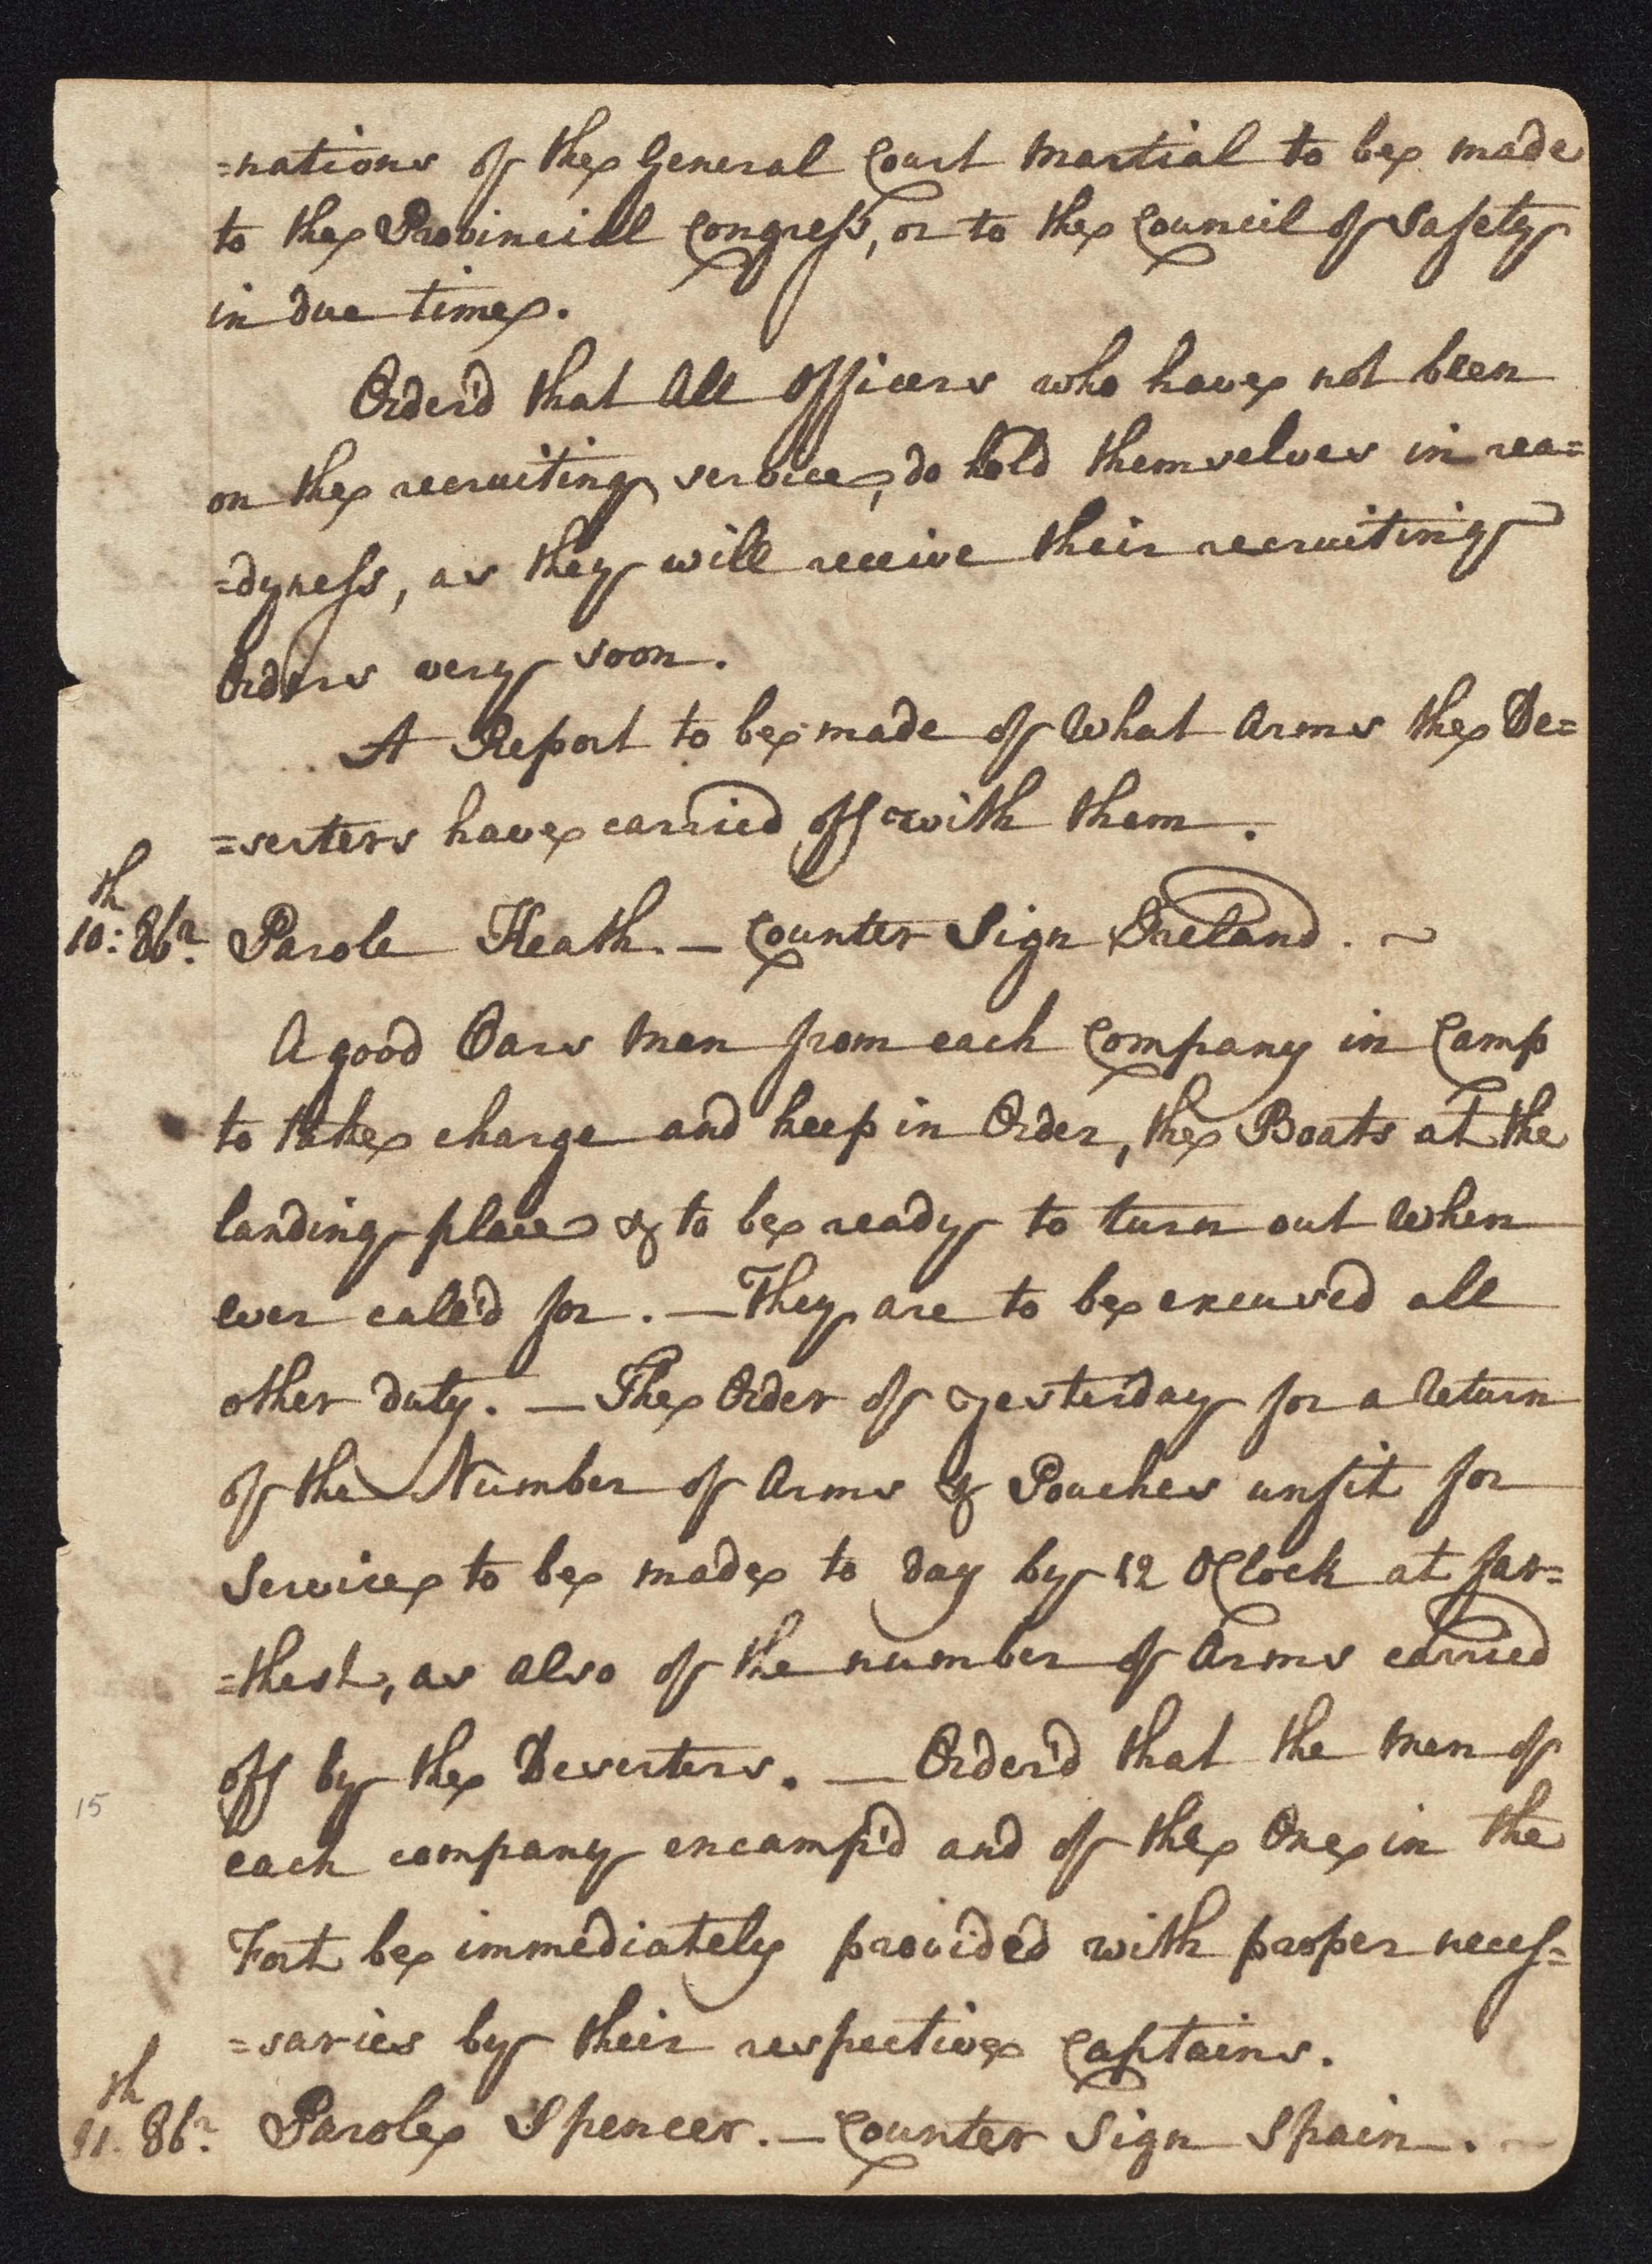 South Carolina Regiment Order Book, Page 29